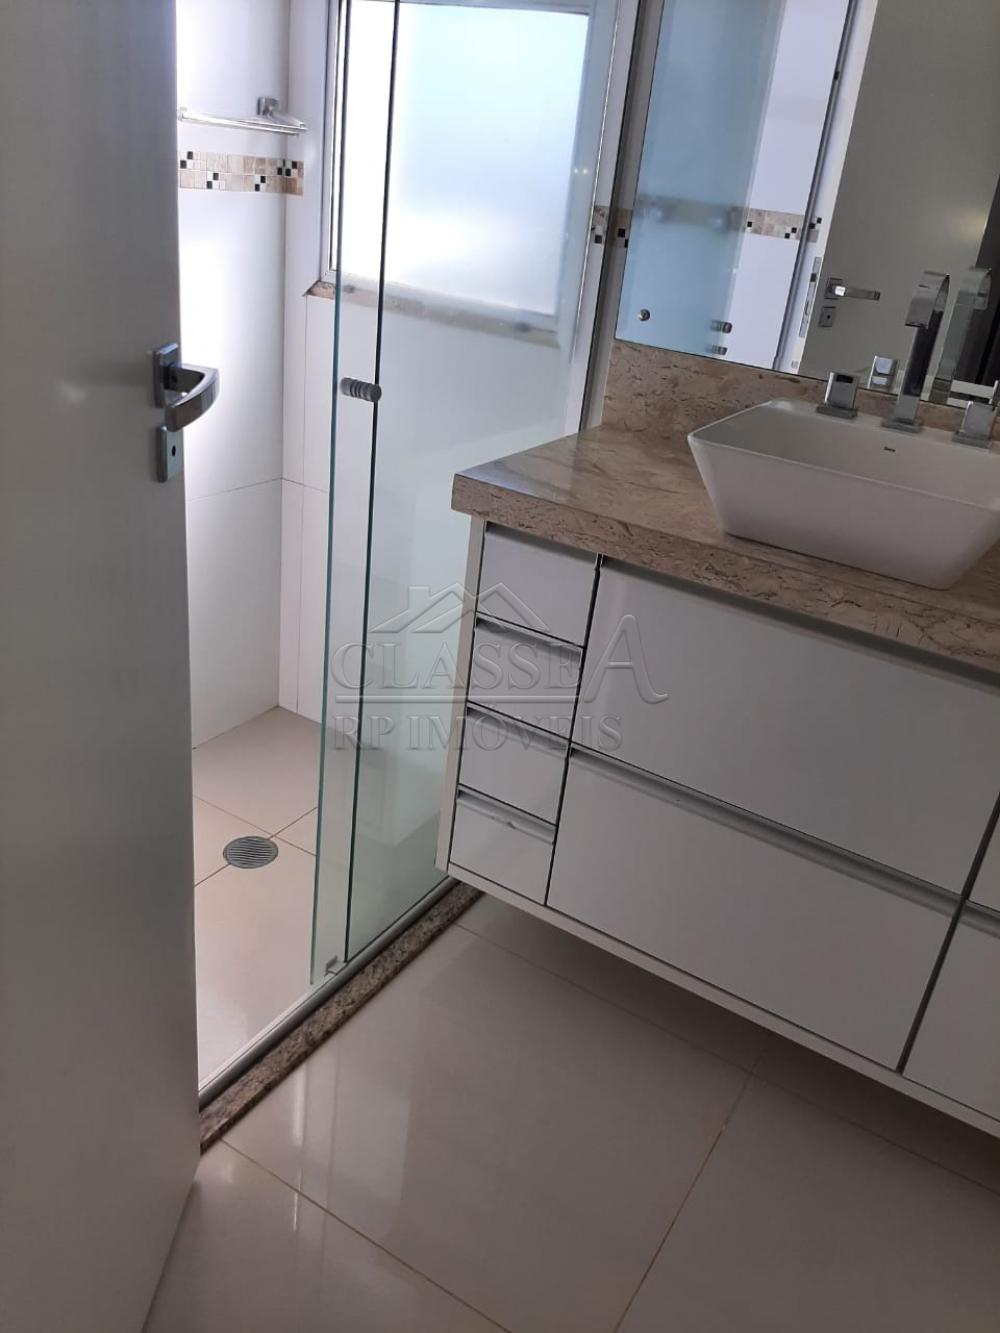 Comprar Apartamento / Padrão em Ribeirão Preto R$ 1.020.000,00 - Foto 5